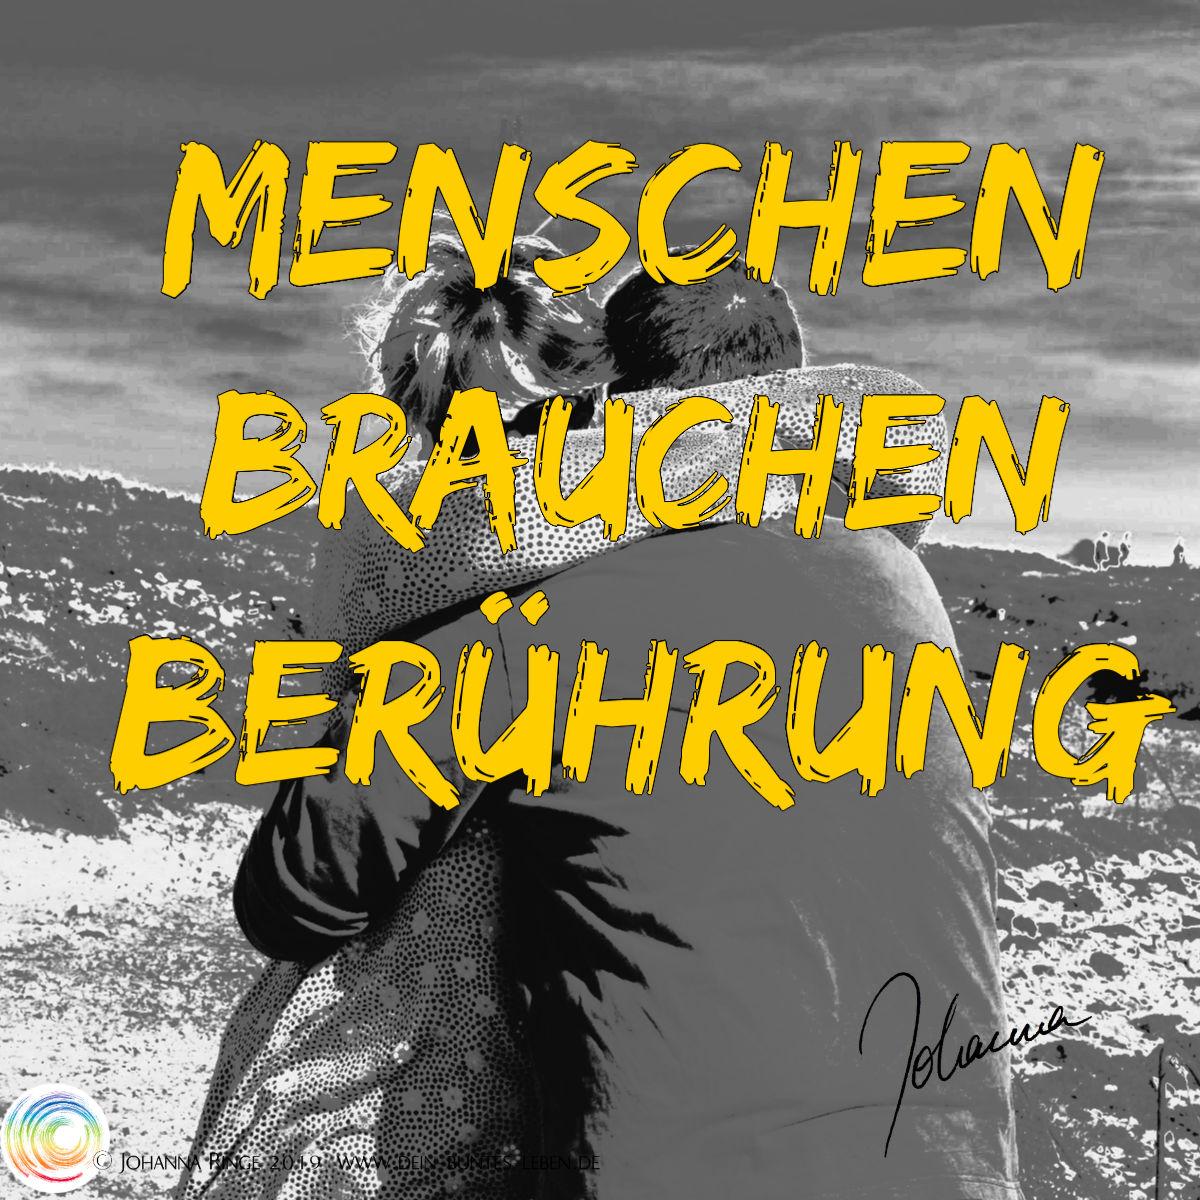 Menschen brauchen Berührung: Photo einer Umarmung. ©Johanna Ringe 2019 www.dein-buntes-leben.de